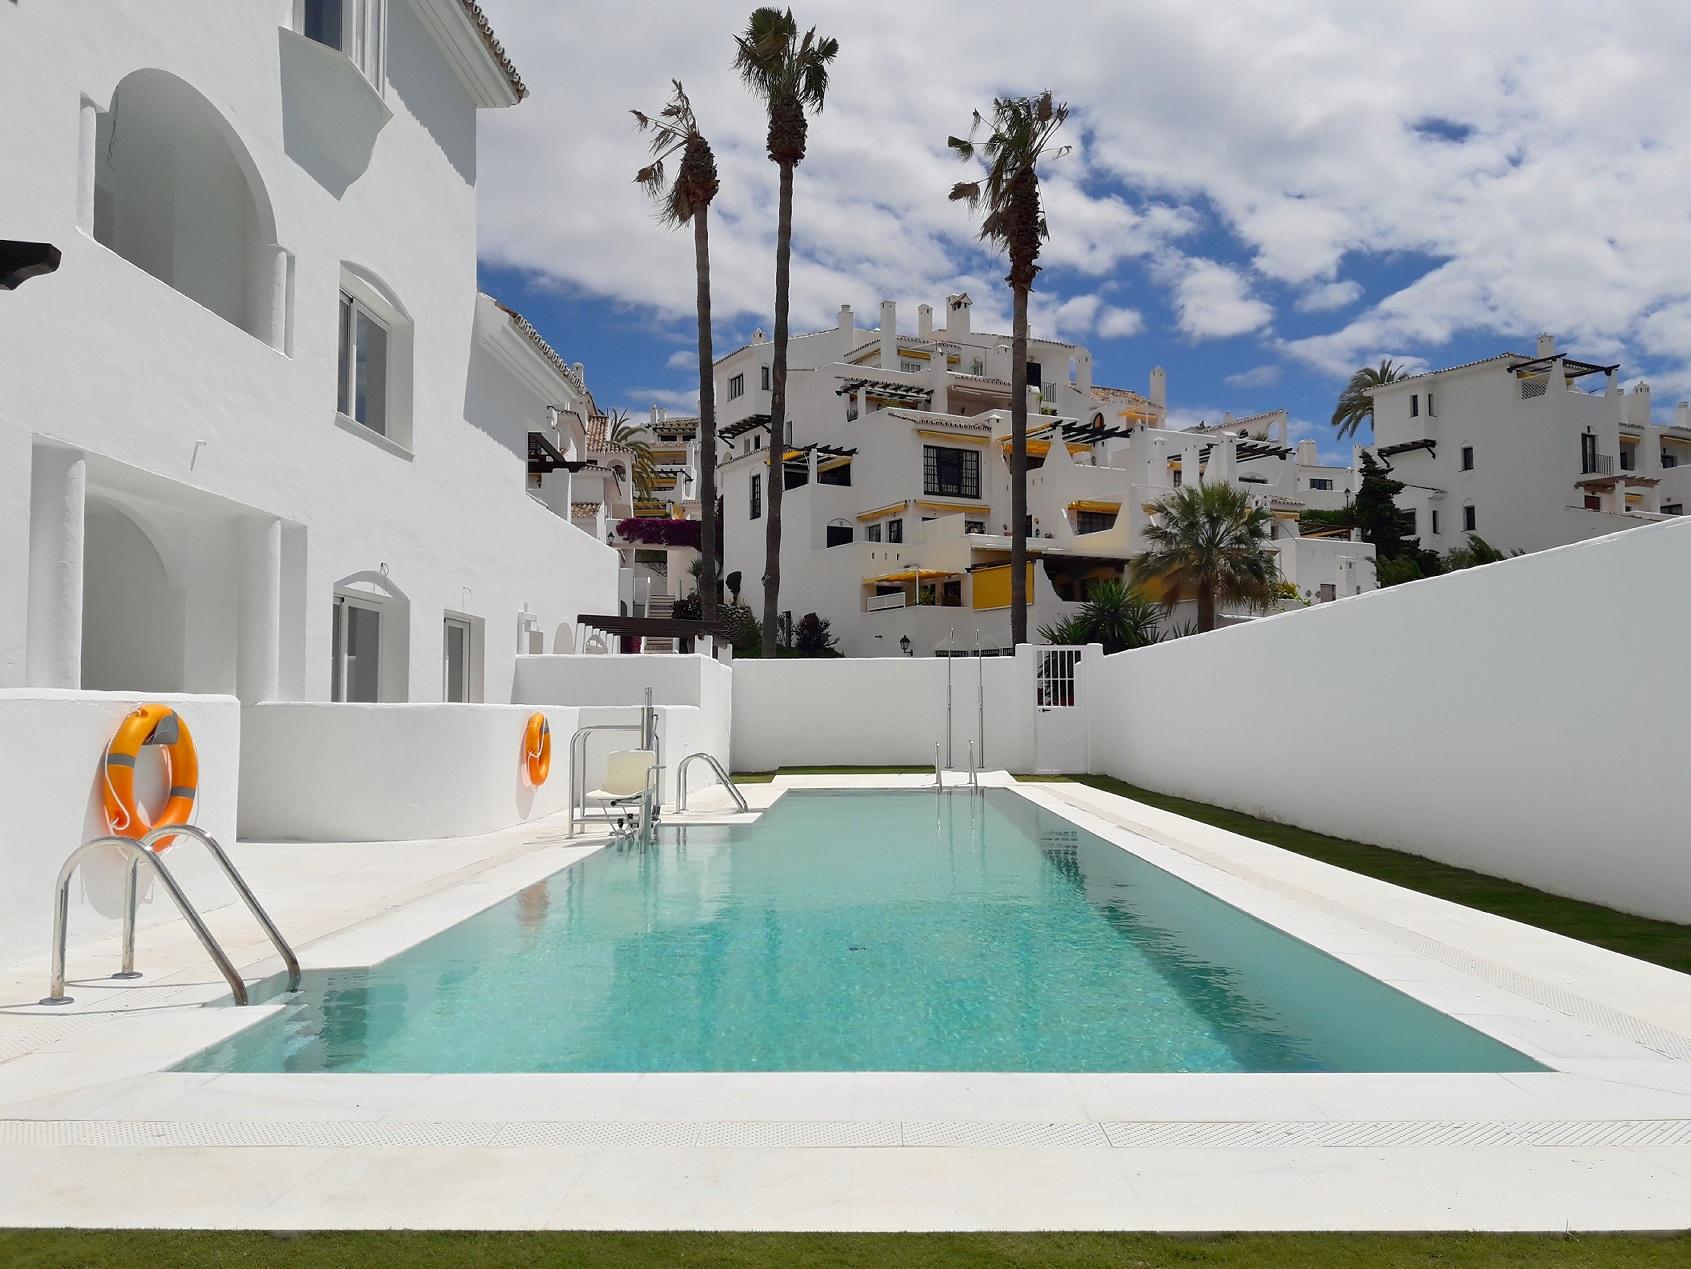 Moderne leiligheter nær Puerto Banus